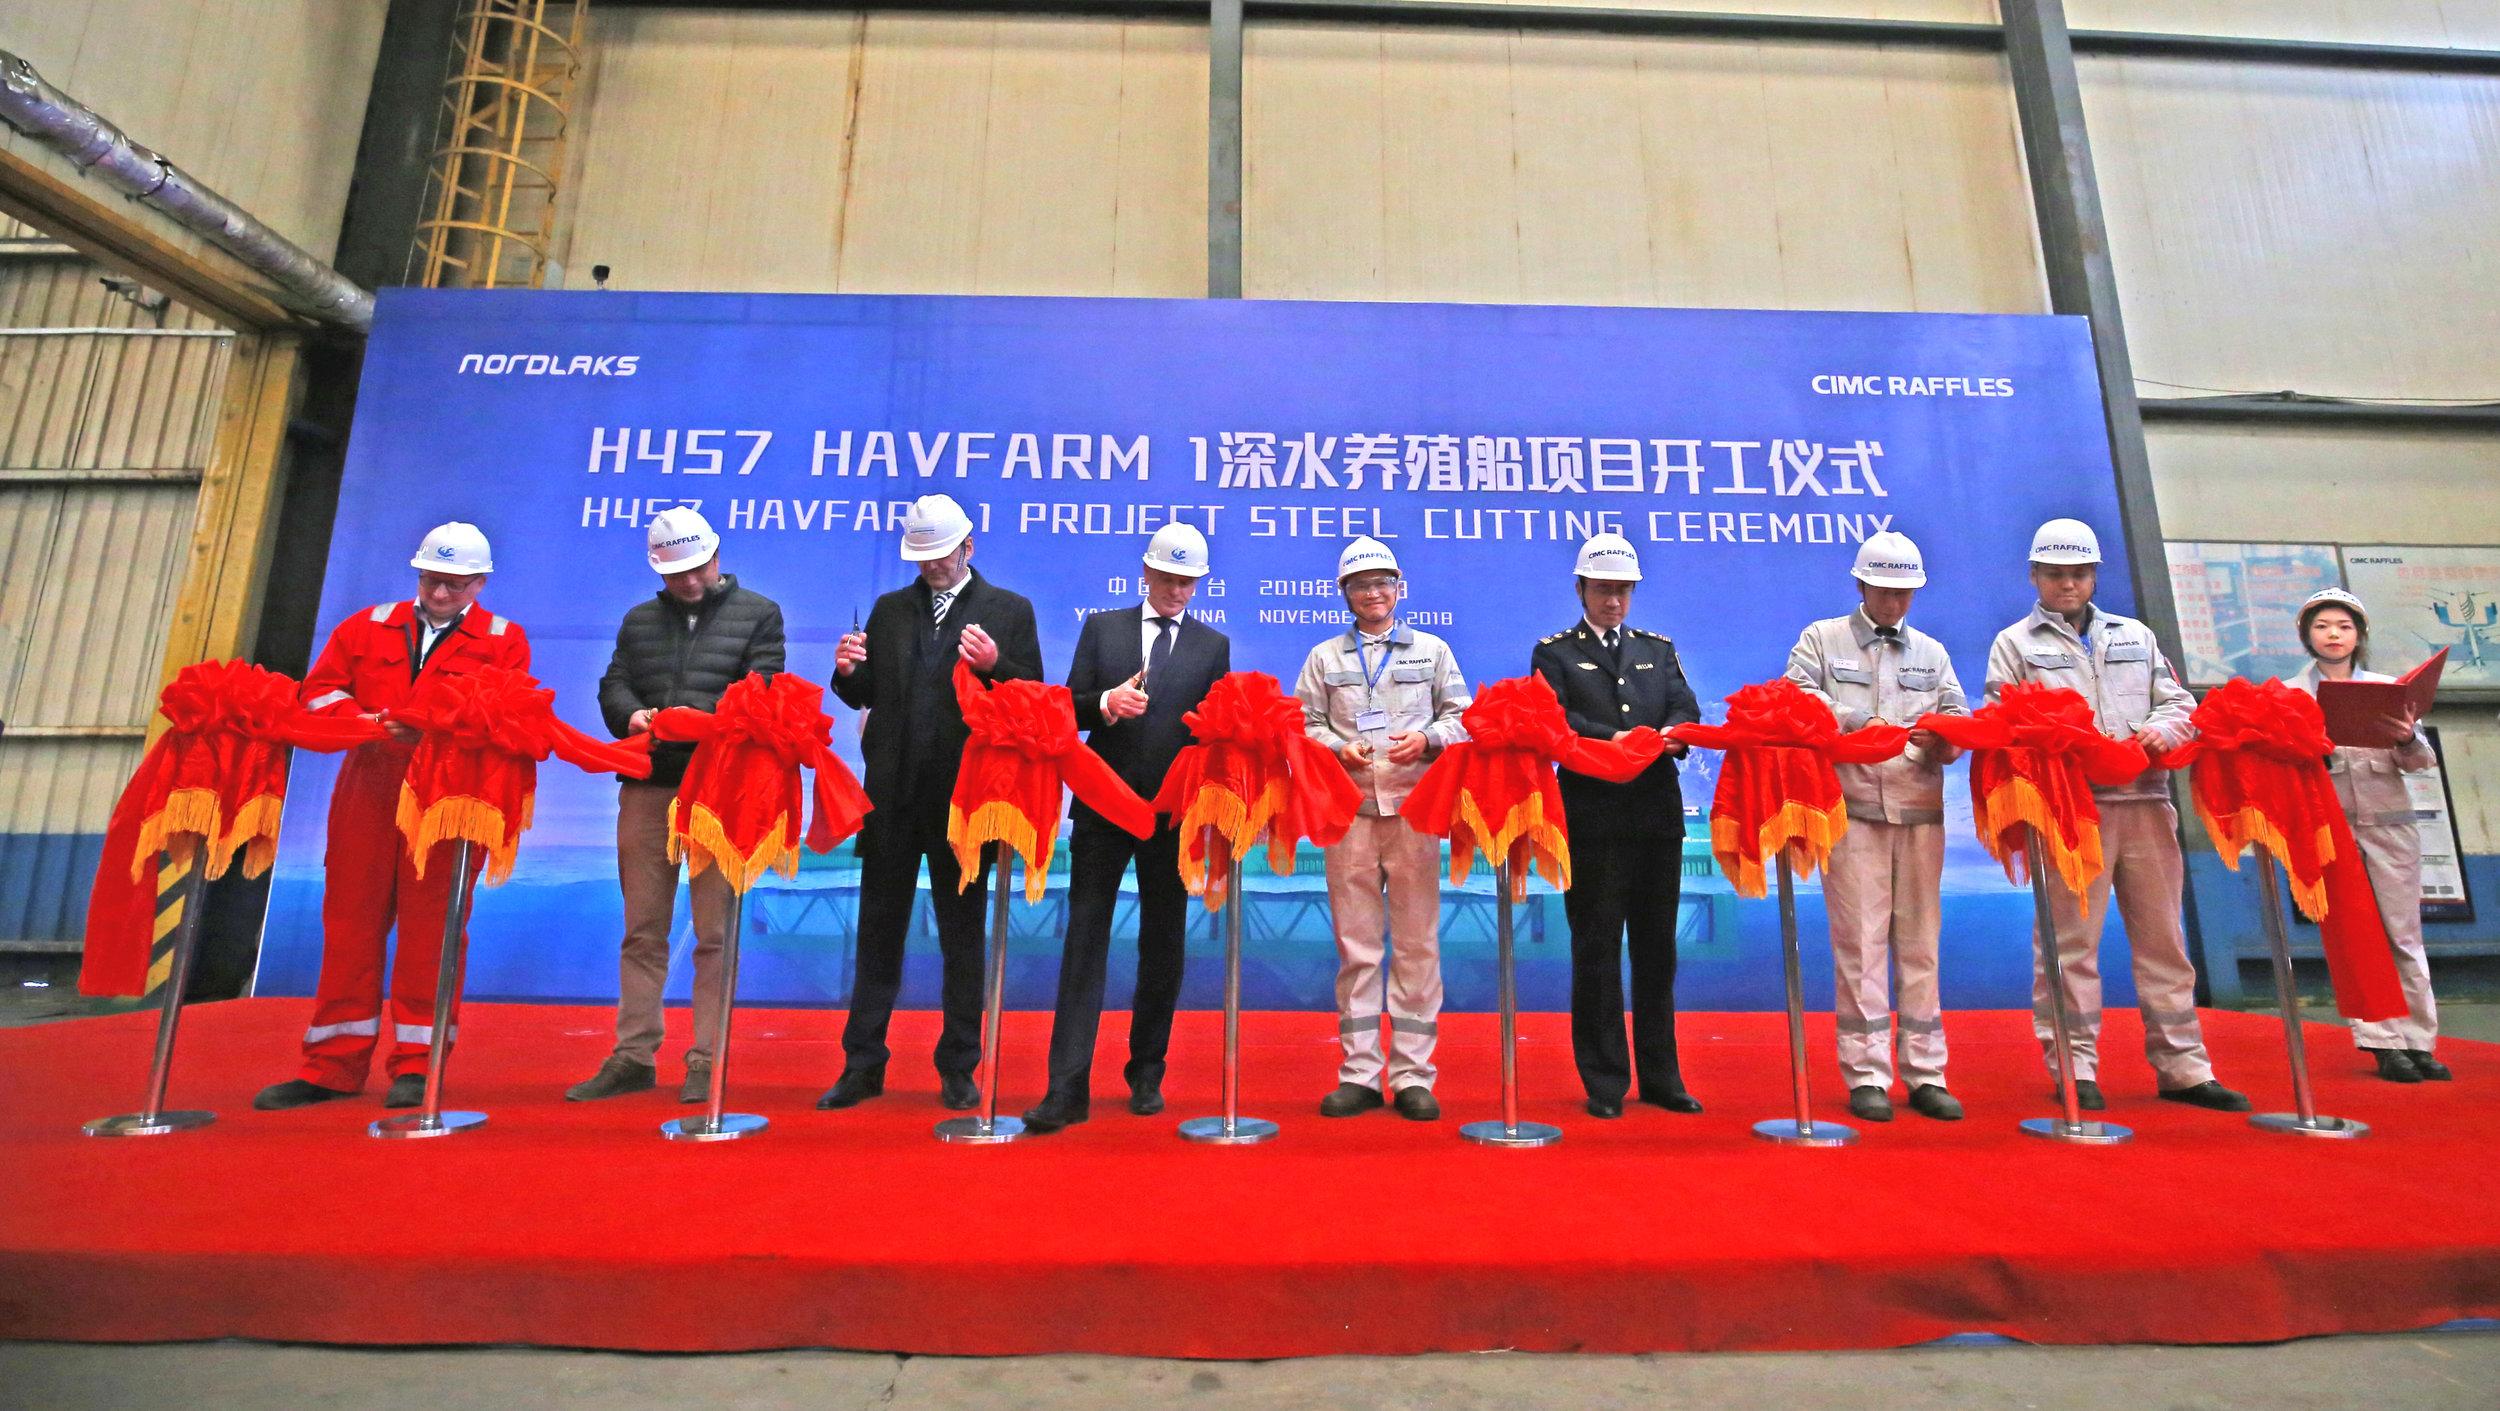 Snorklipping som markerer byggestart for den første Havfarme. Fra venstre: Ove Morten Høyem (Nordlaks), Yan Yongjun (CIMC Raffles), Yu Mingliang (Yantai Maritime Safety Administration), Johann Melsted (DNV GL), Roger Mosand (Nordlaks), Tang Shengtao (CIMC Raffles), Jiang Chunguo (Yantai pilot station), Guo Fuyuan (CIMC Blue) og Wang Peng (CIMC Raffles). Foto: CIMC Raffles